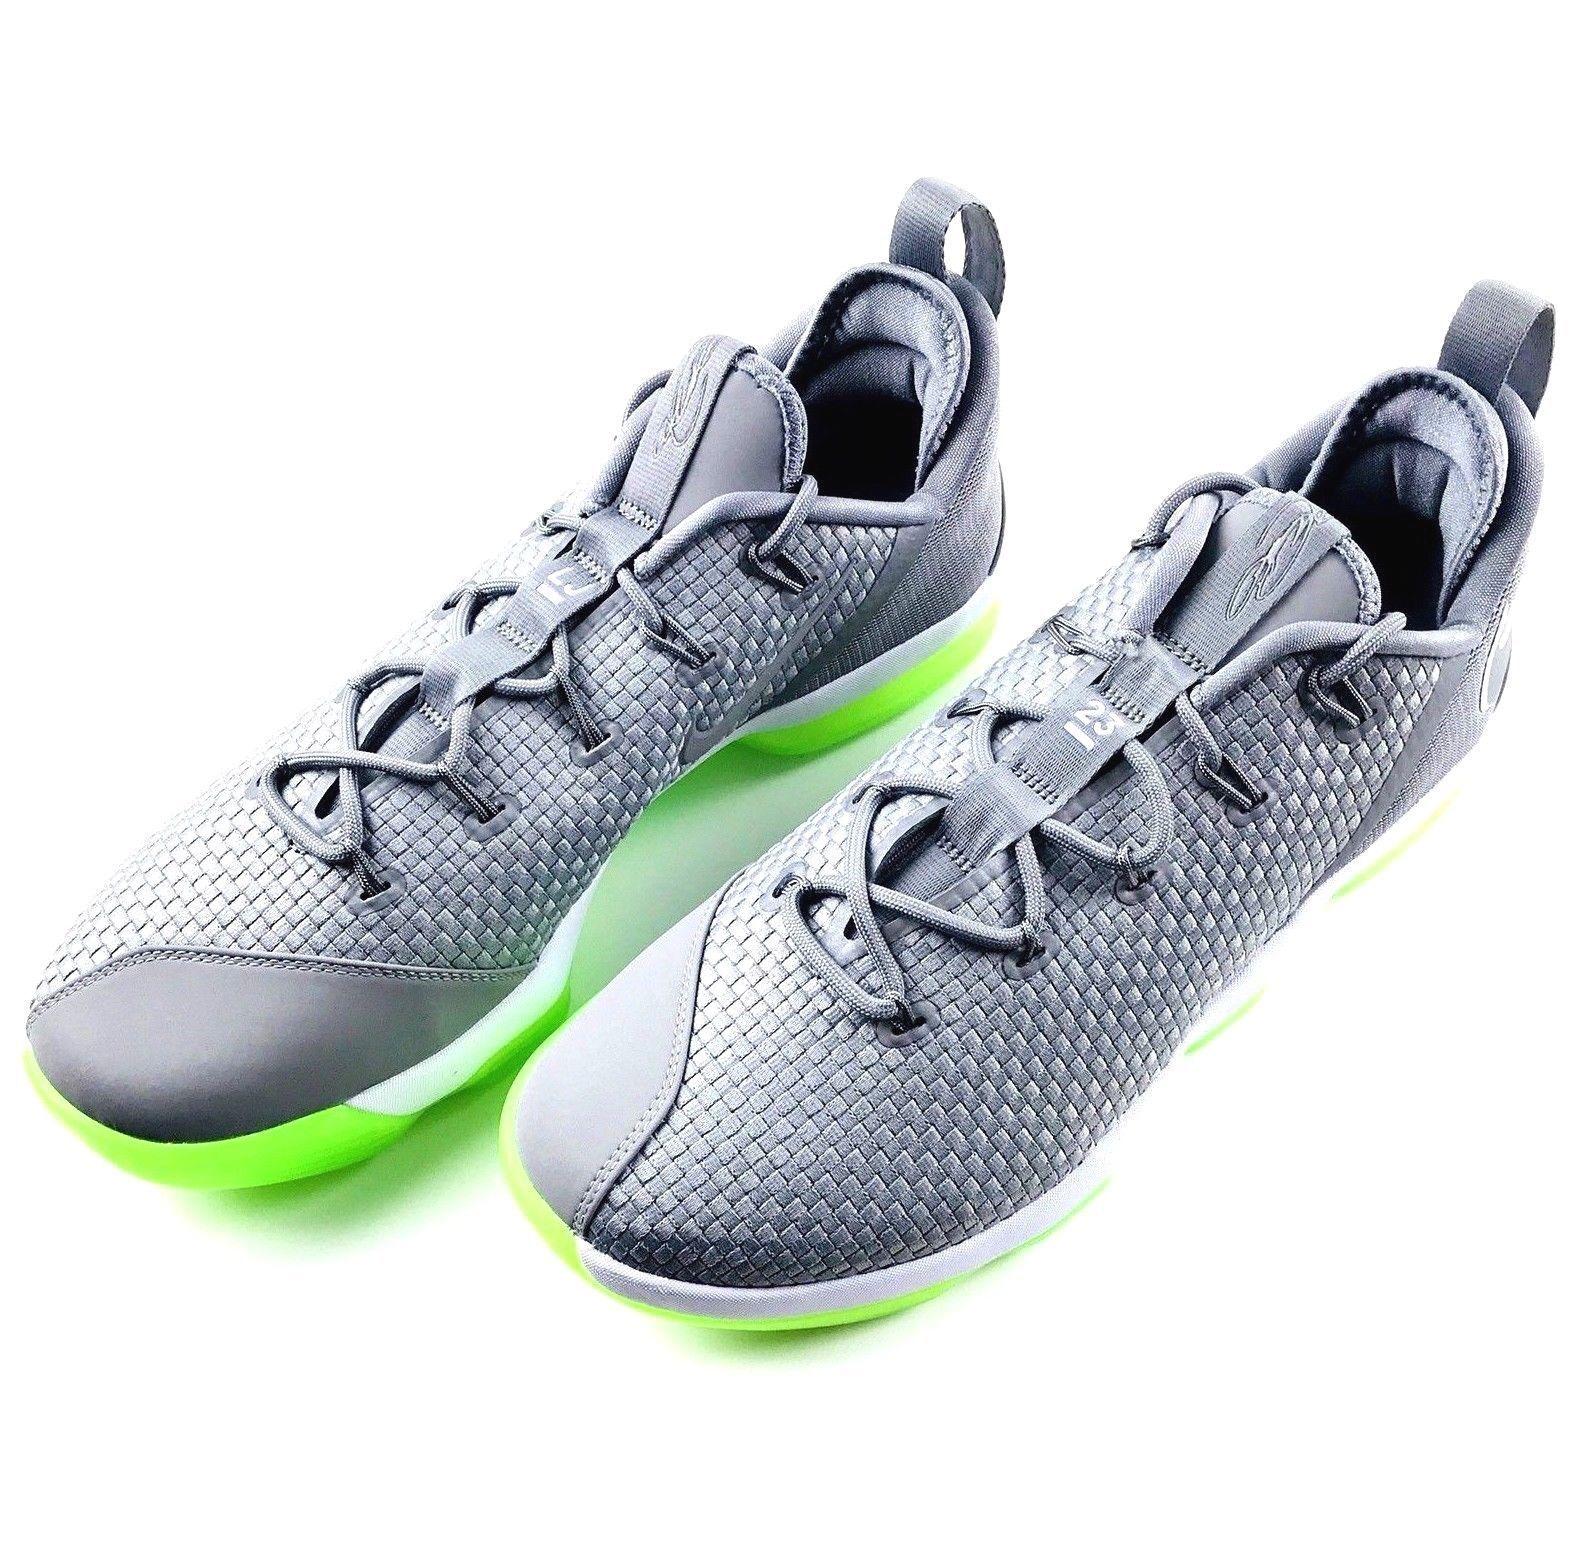 best sneakers df13f cf11b ... Nike Men Men Men LeBron XIV Low Dunkman Basketball shoes Sz 11.5 Silver  878636-005 ...